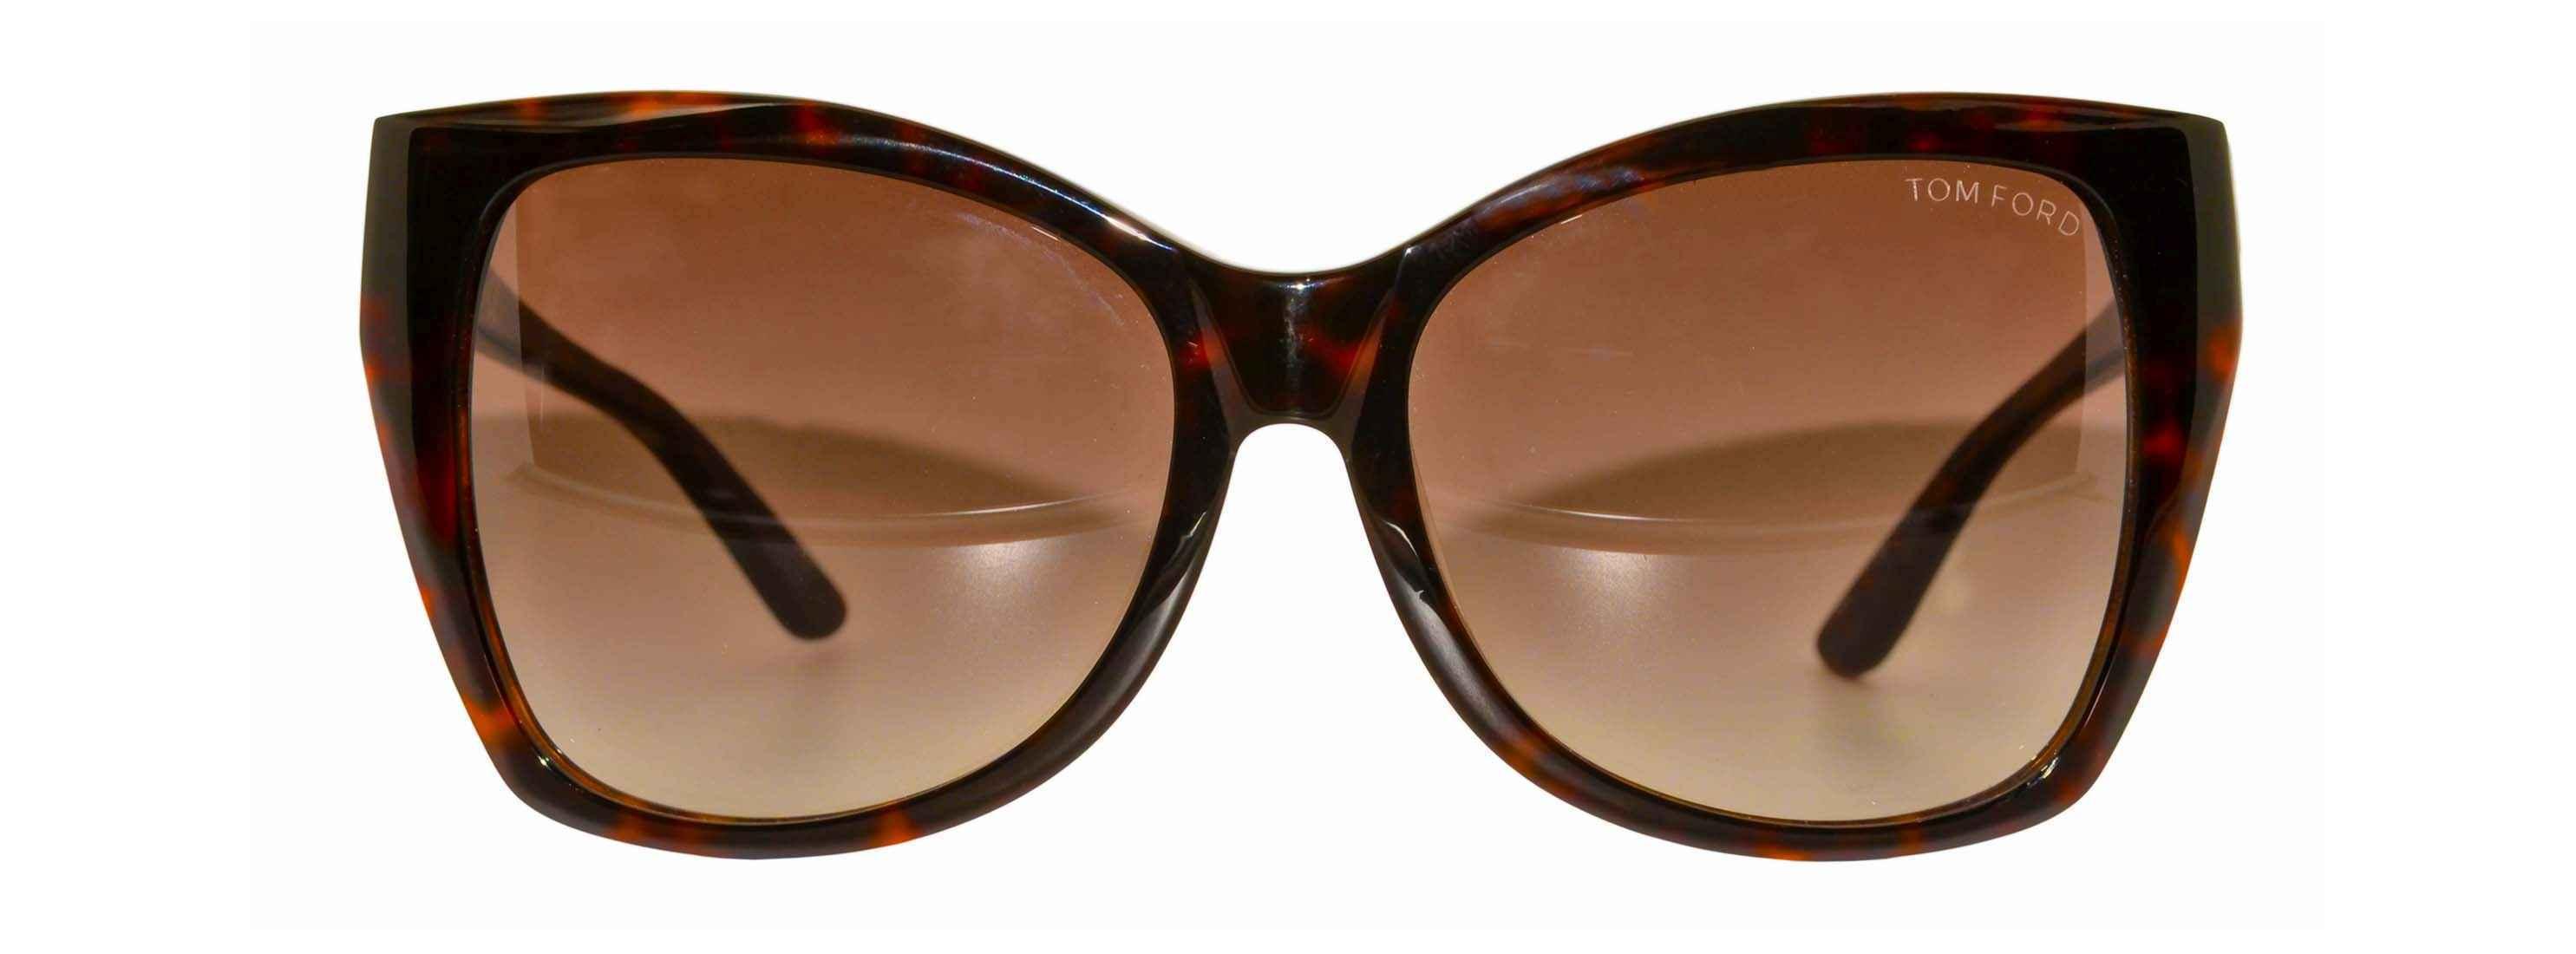 Tom Ford Sunglasses 295 52f 1 2970x1100